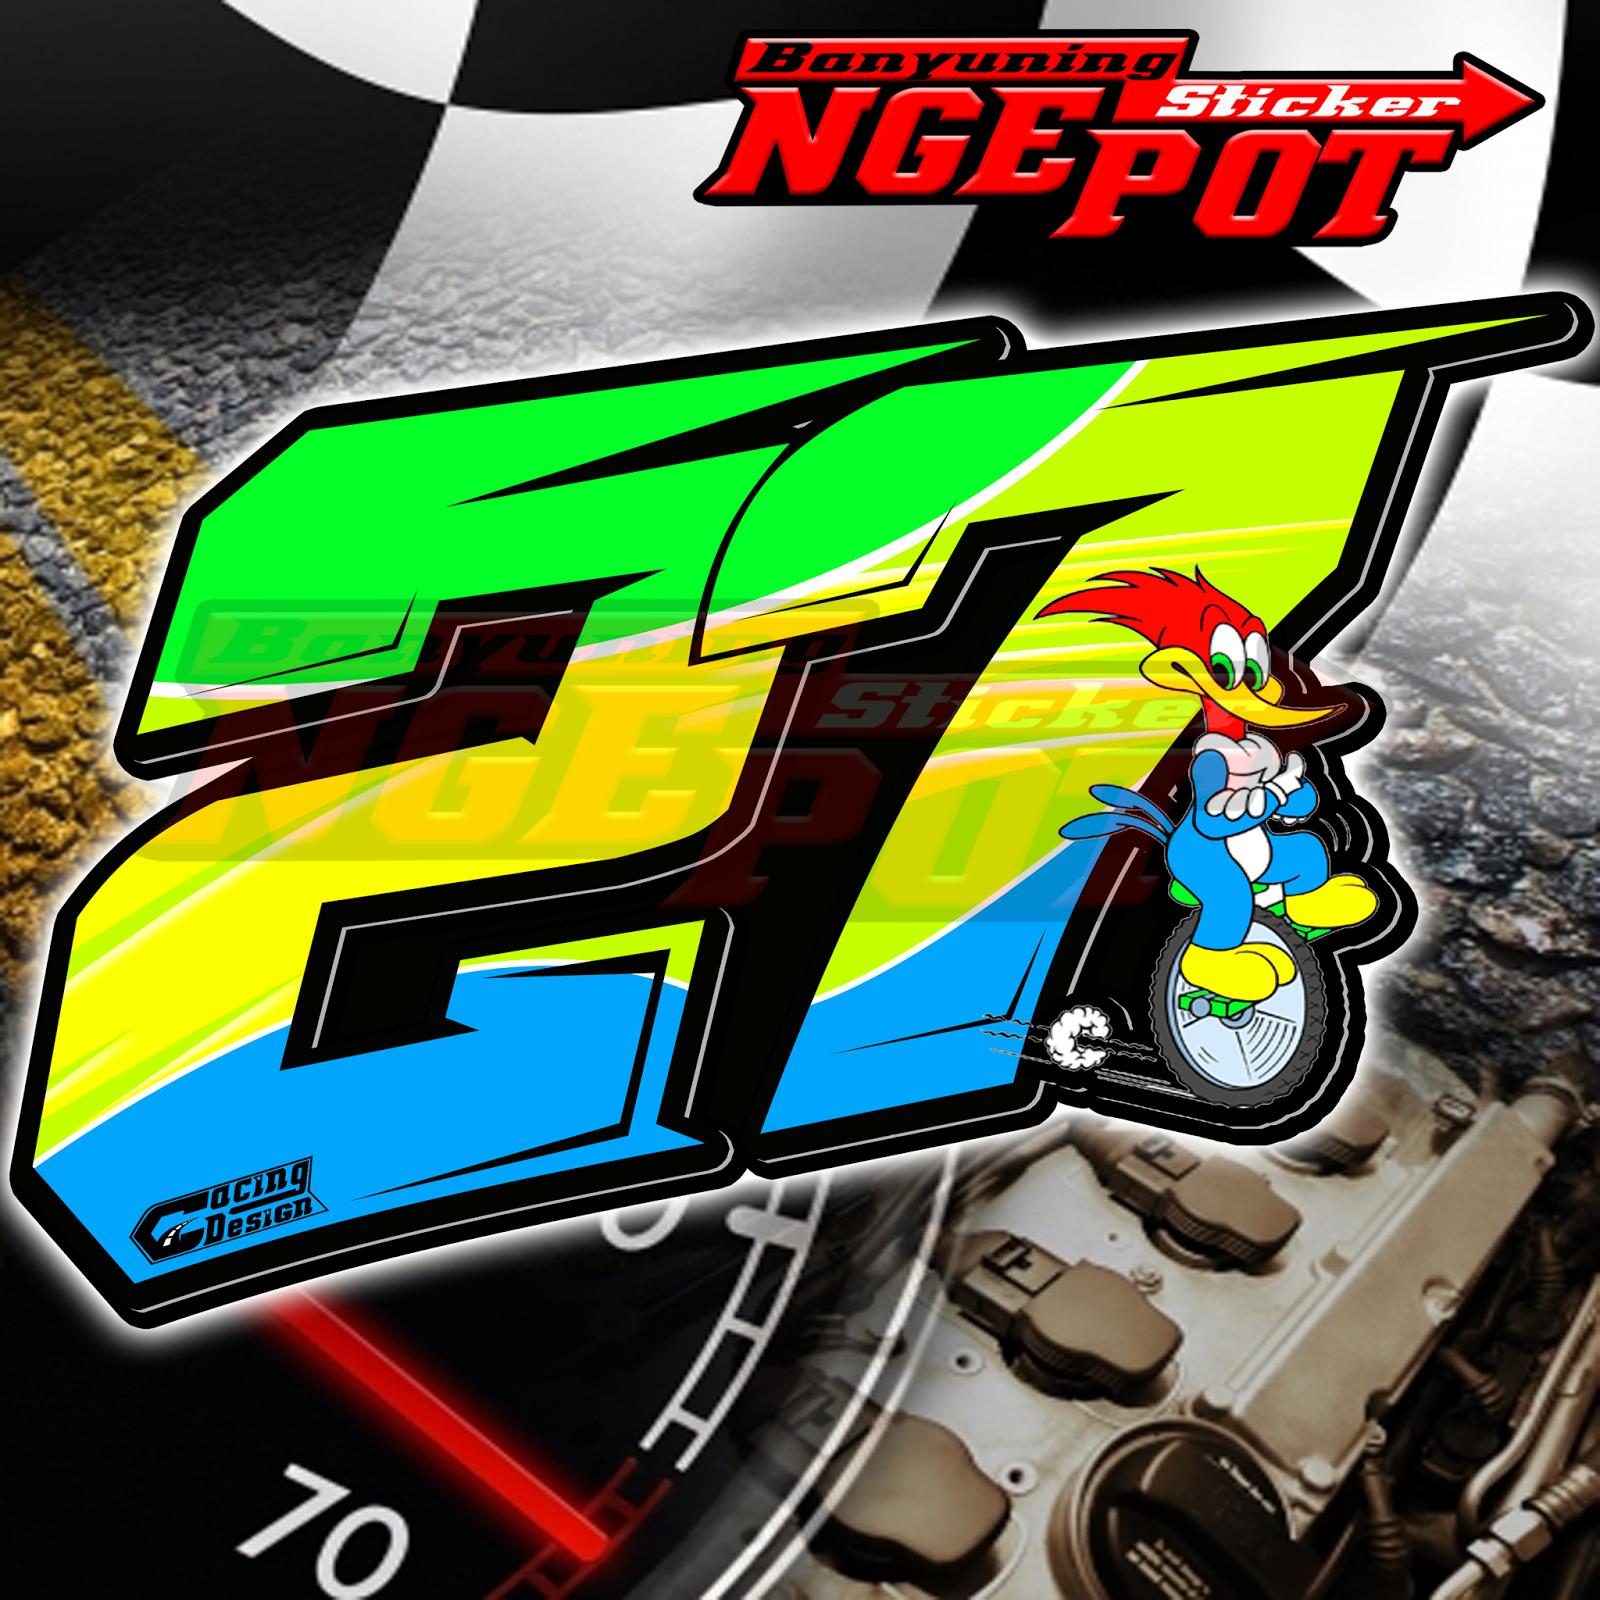 Design ngepot sticker